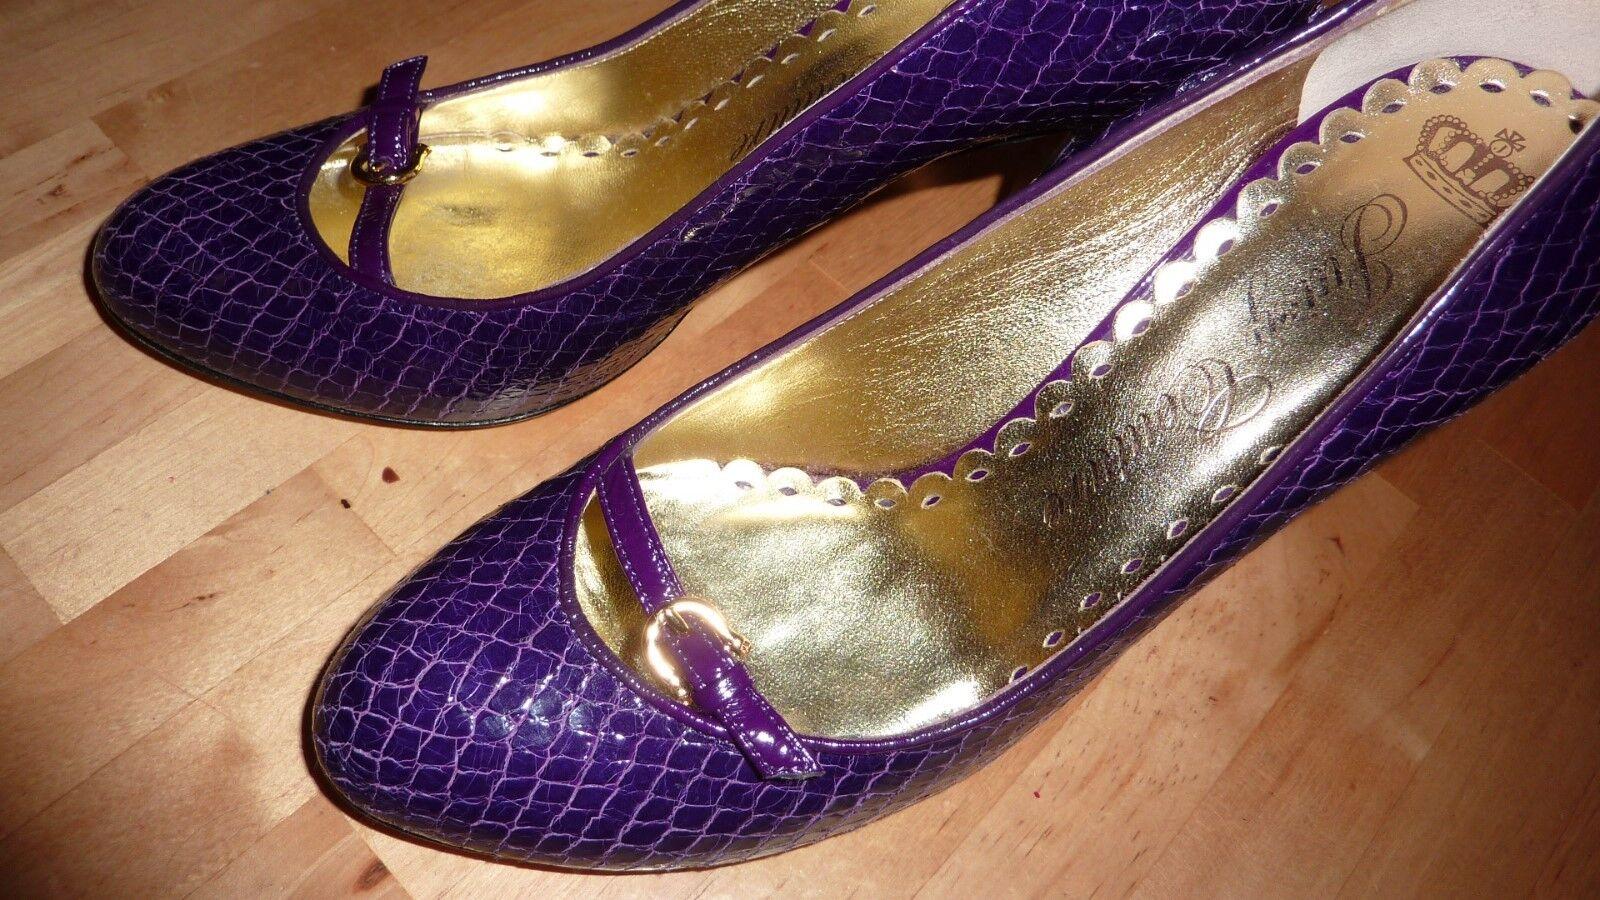 Recortes de precios estacionales, beneficios de descuento Juicy Couture patente Púrpura Cuero Animal Print Tacones Zapatos Chic!! rara!!!